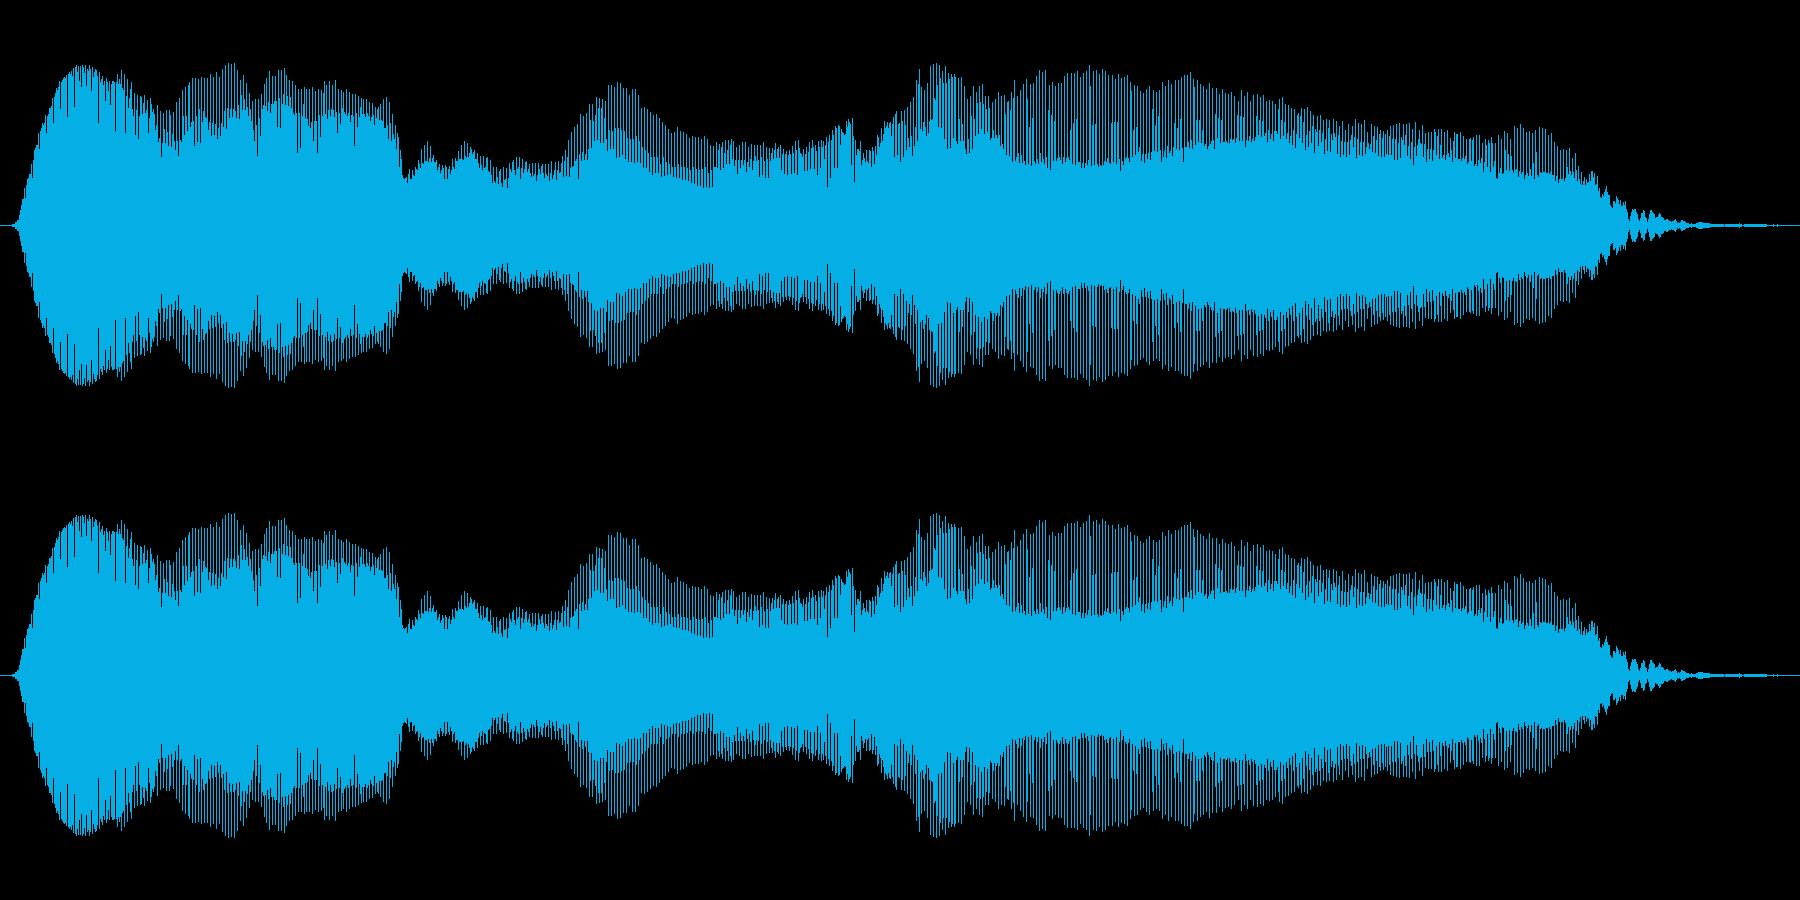 眠い~の再生済みの波形